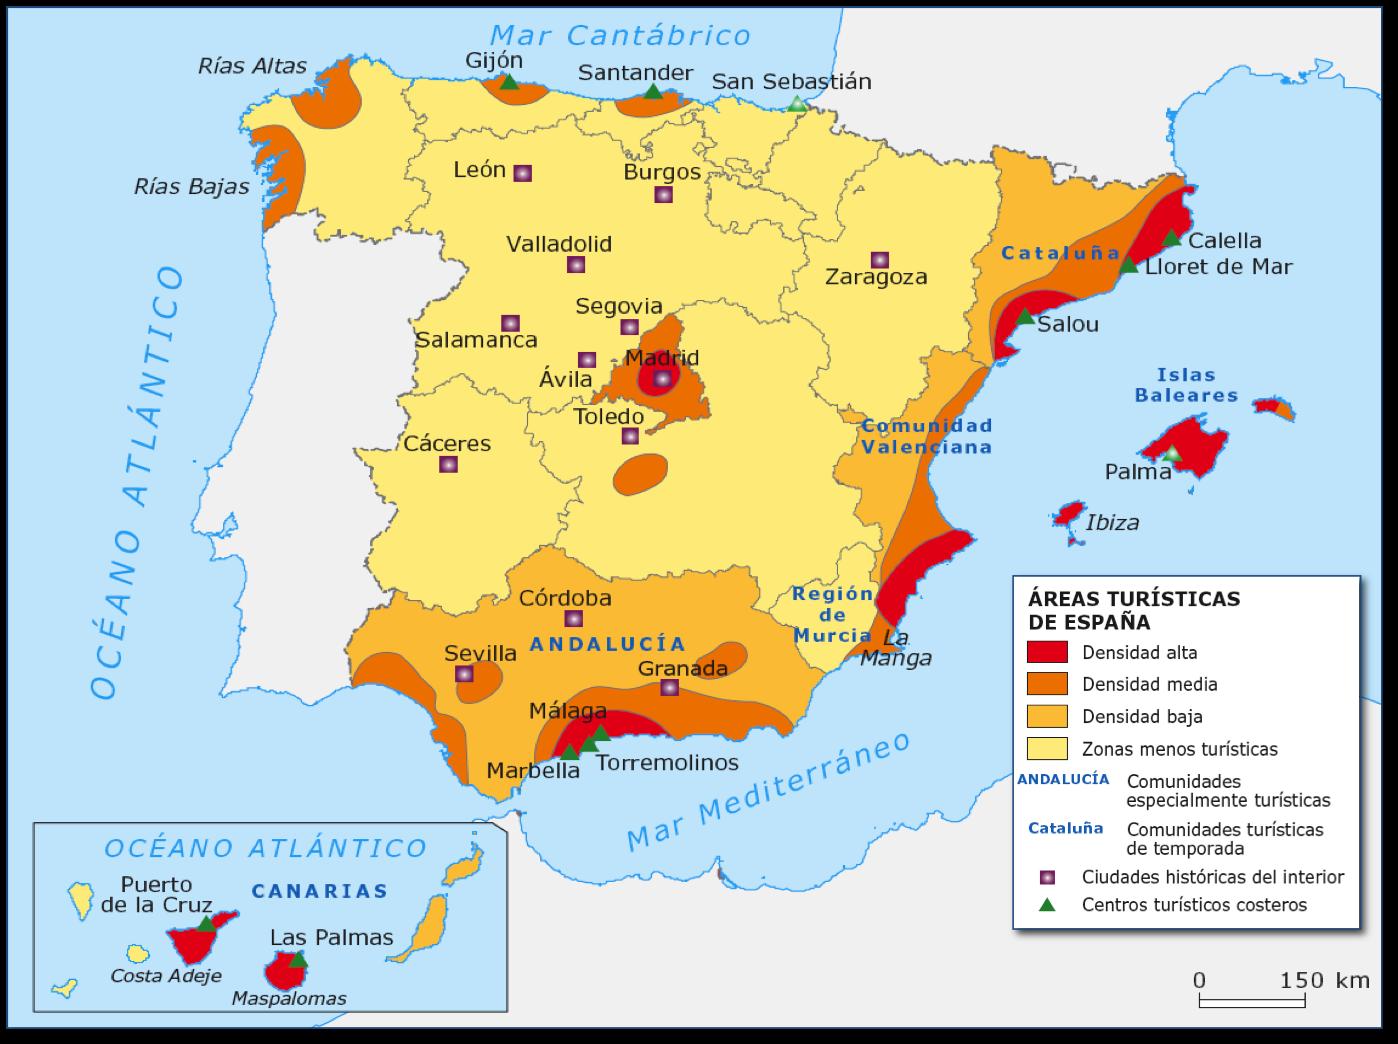 Geograf a ies nervi n tema 17 sector terciario turismo for Ciudades mas turisticas de espana